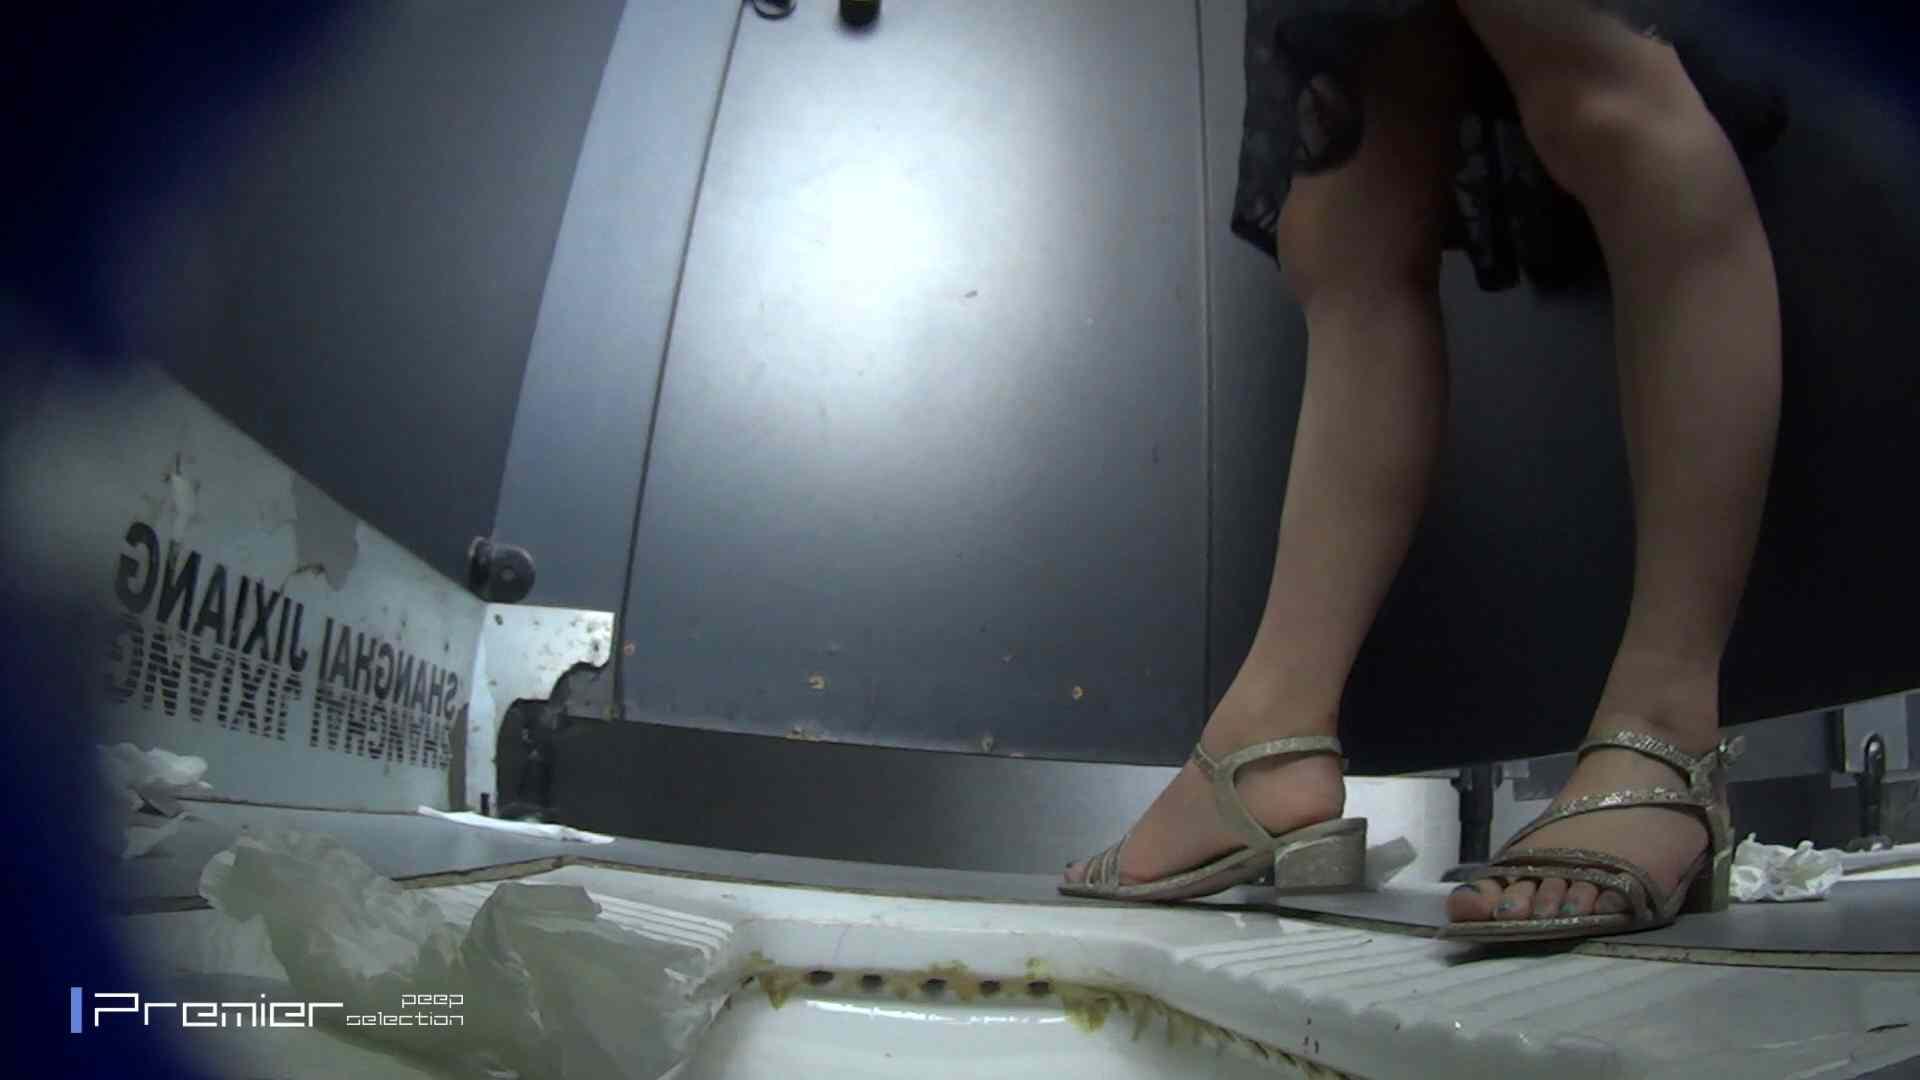 スキニージーンズの美女 大学休憩時間の洗面所事情56 洗面所  107PIX 82